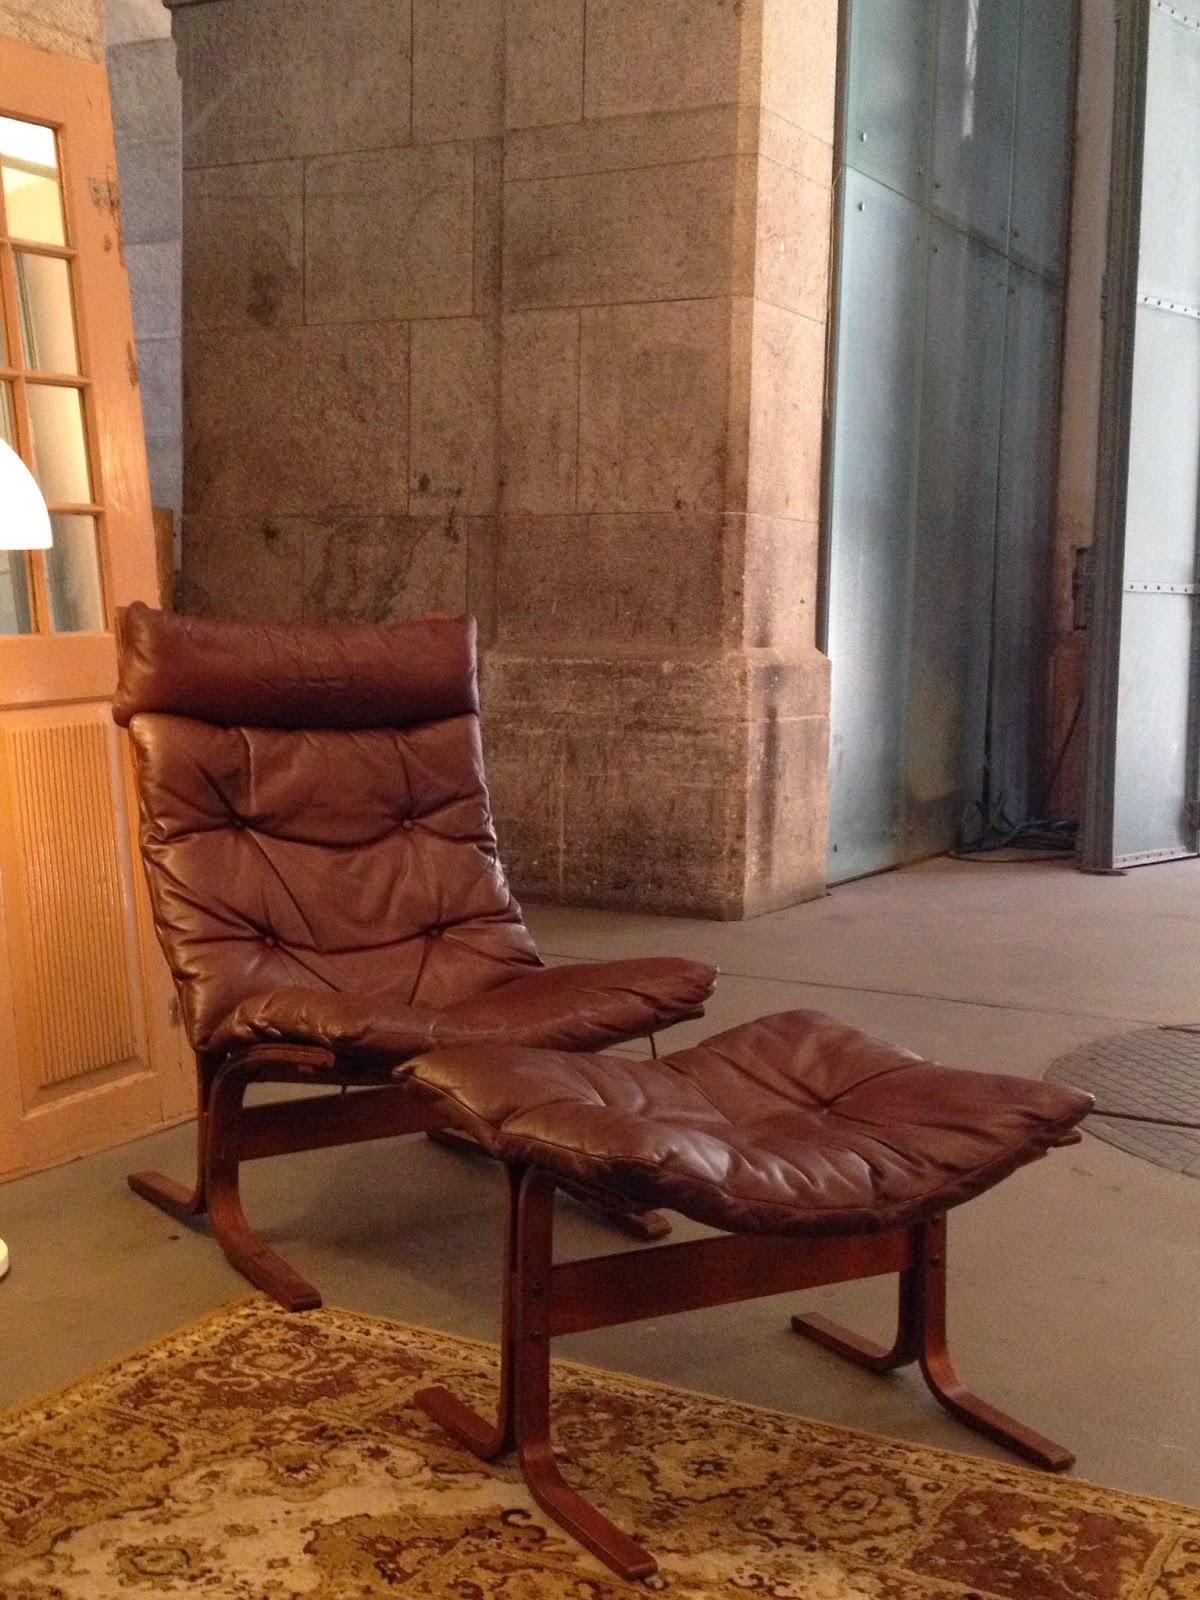 ingmar relling, siesta chair